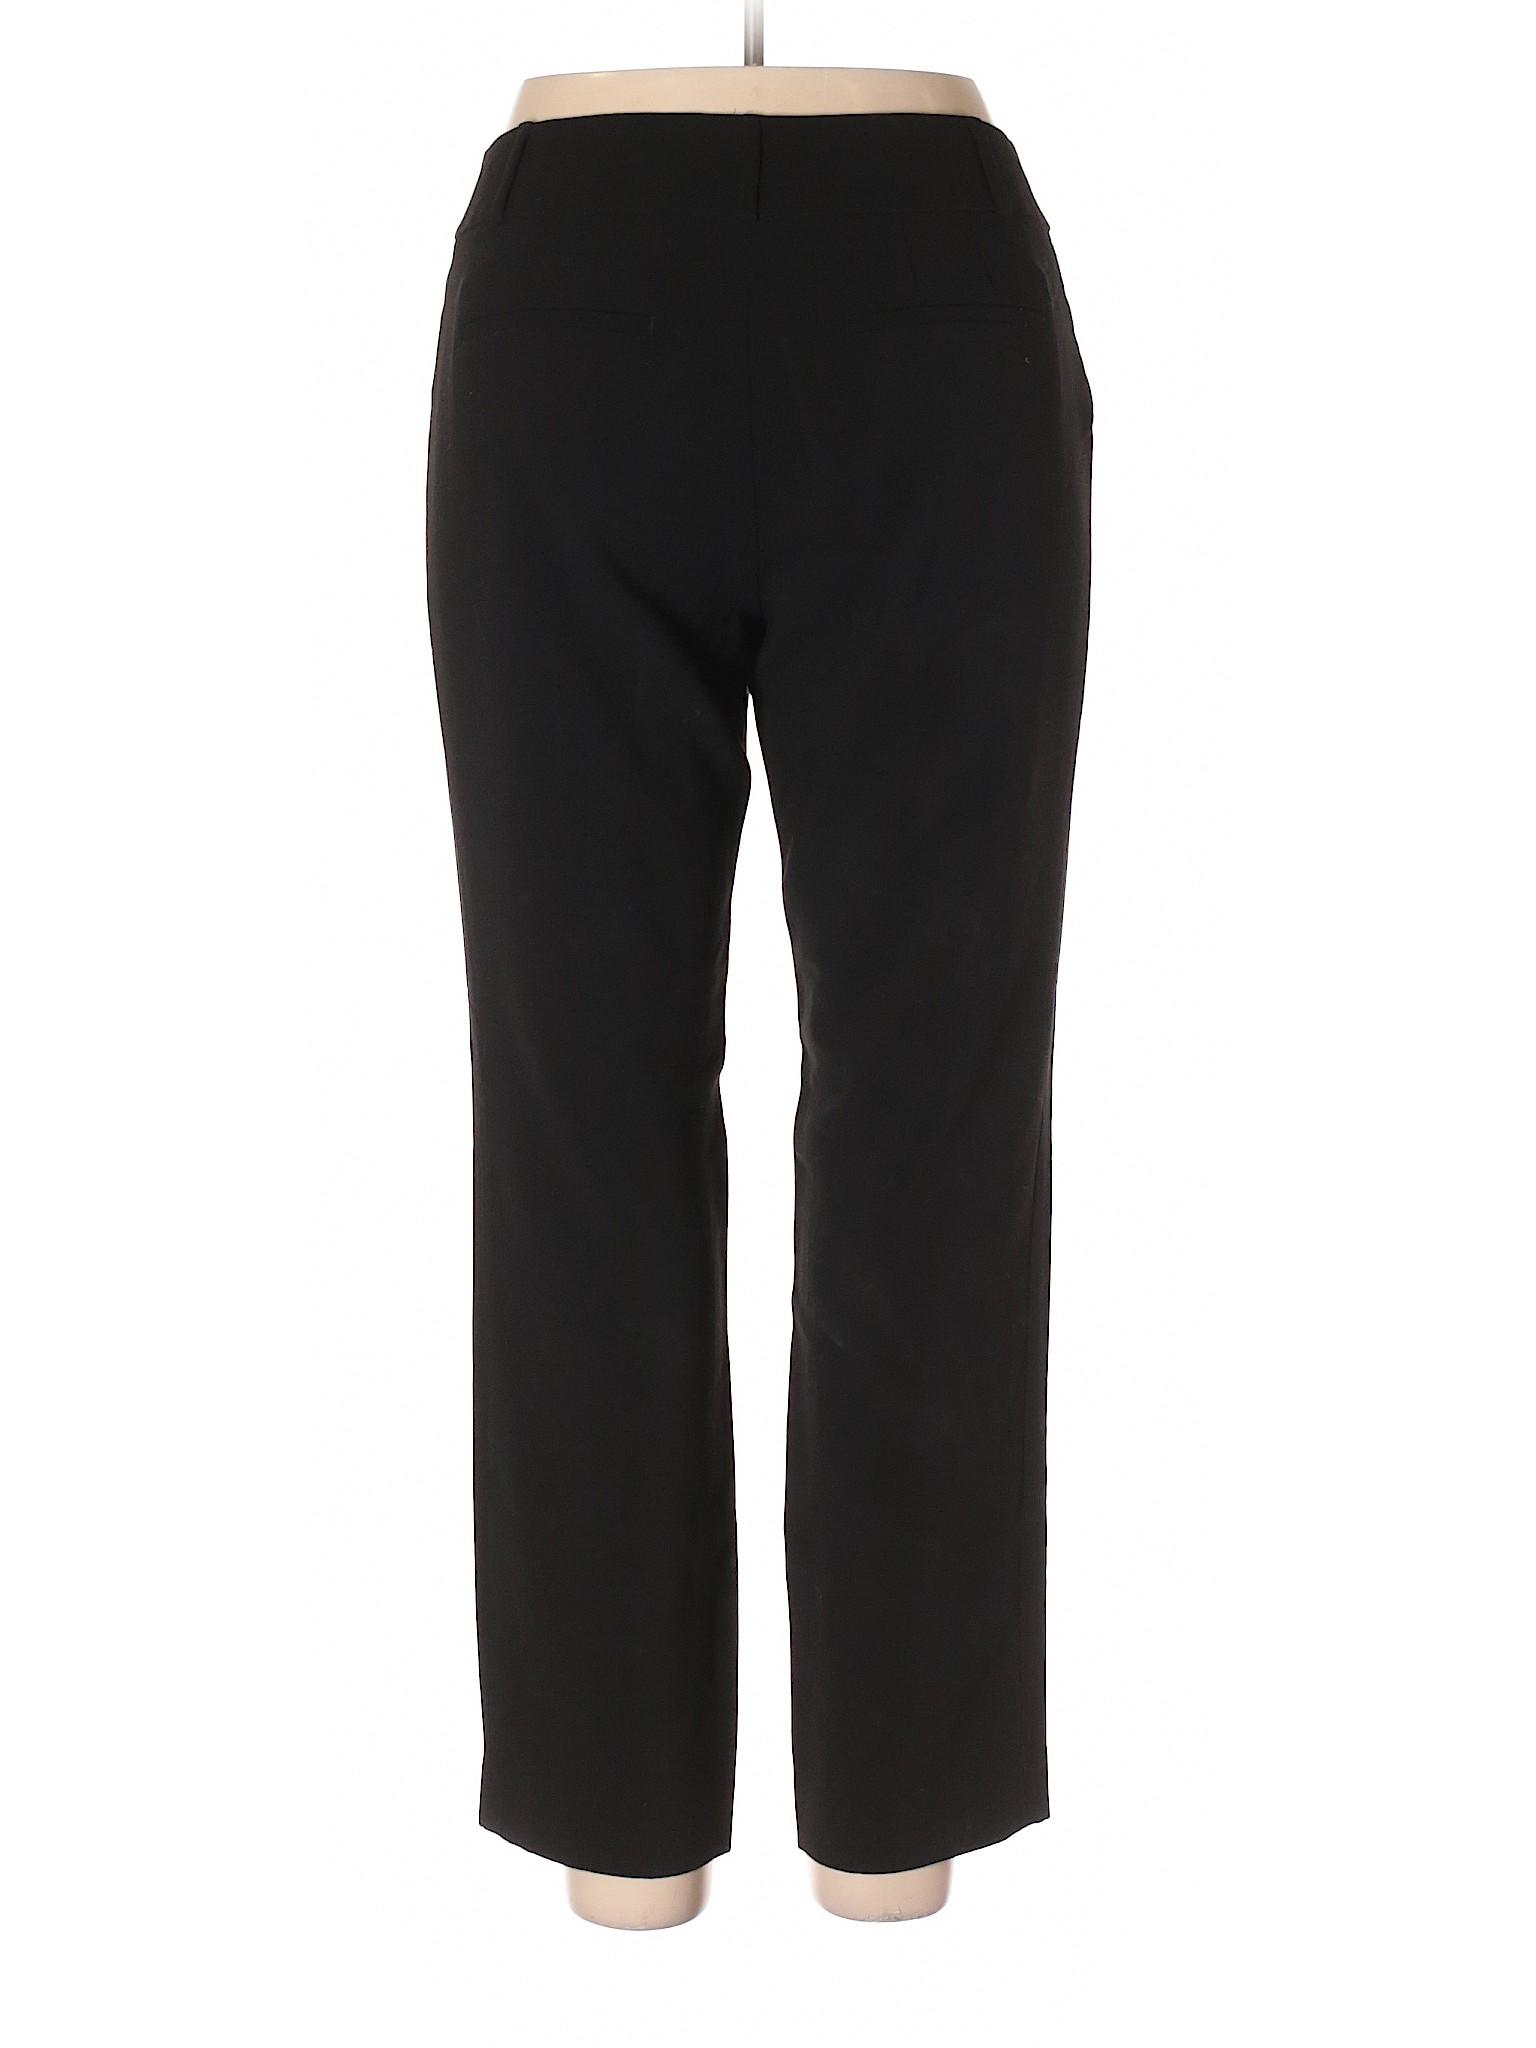 winter Dress Pants LOFT Taylor Ann Boutique qZwdCxSO